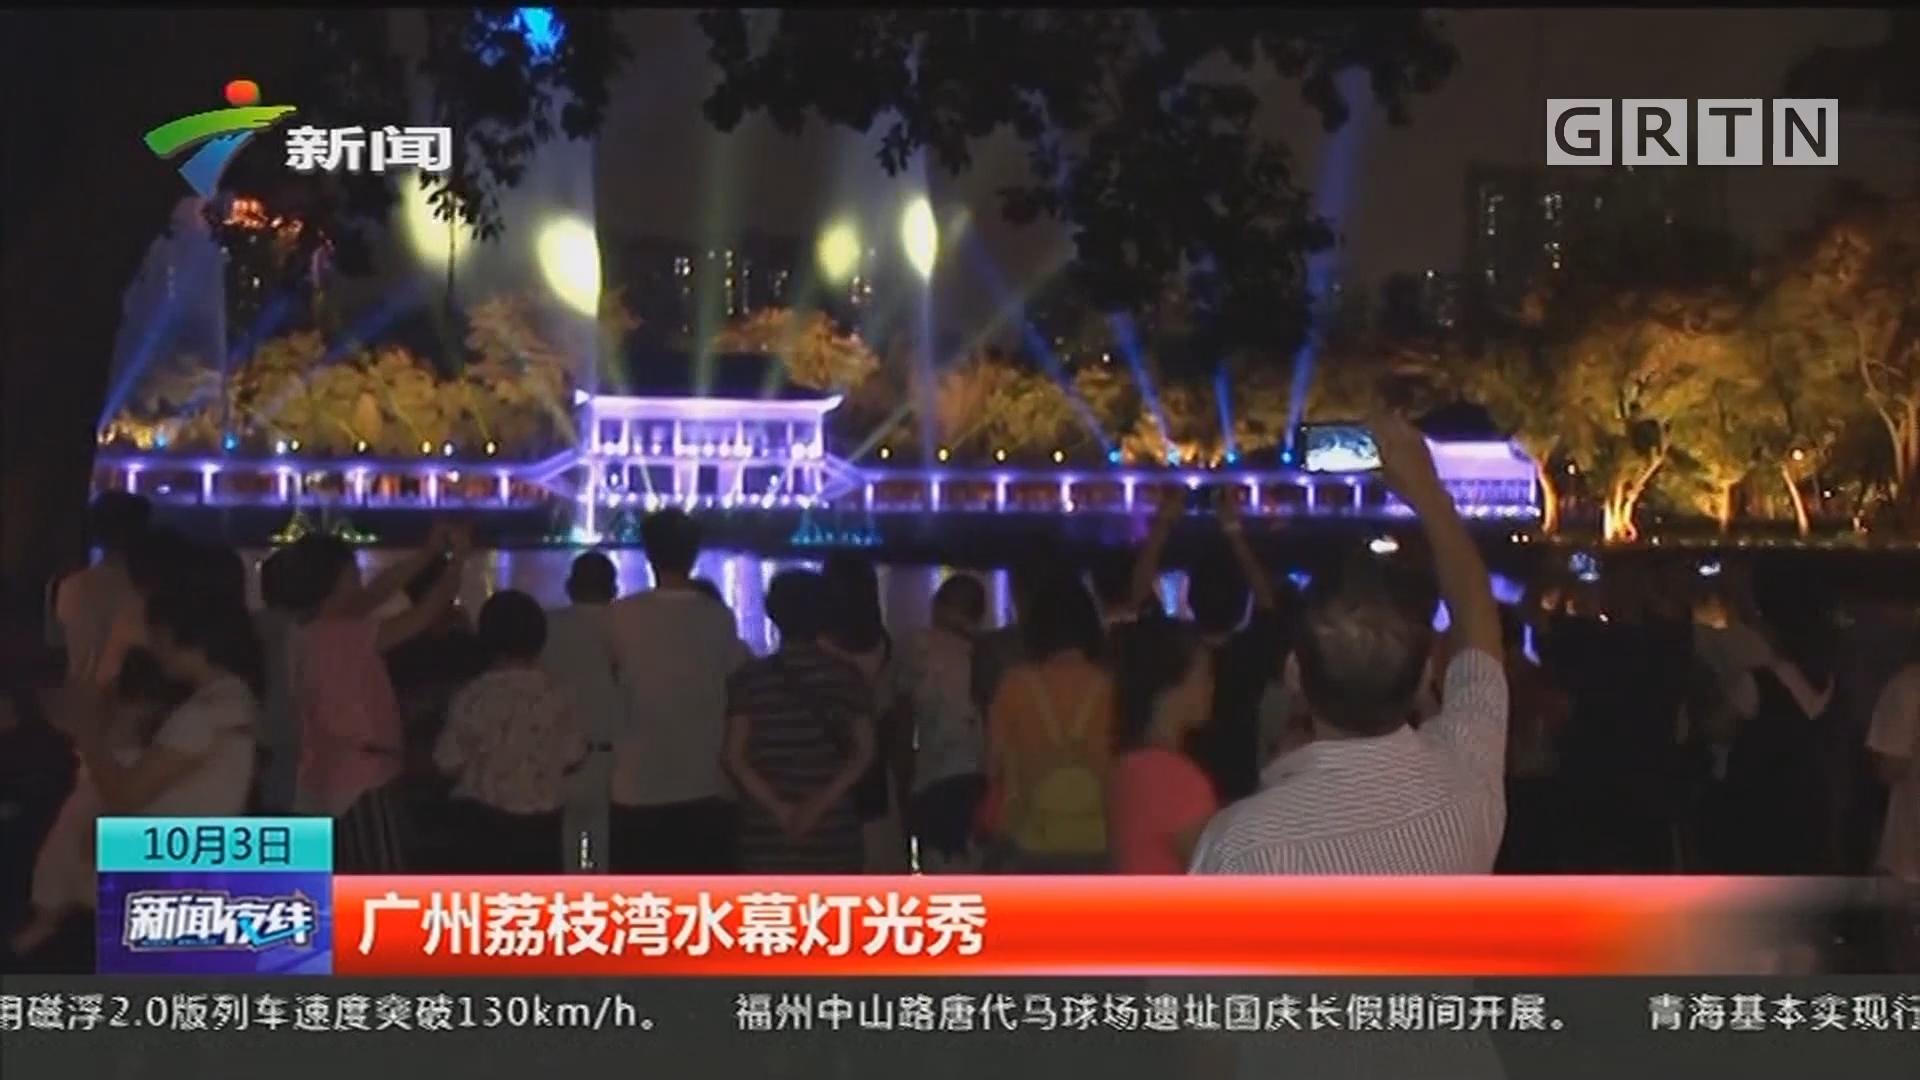 广州荔枝湾水幕灯光秀